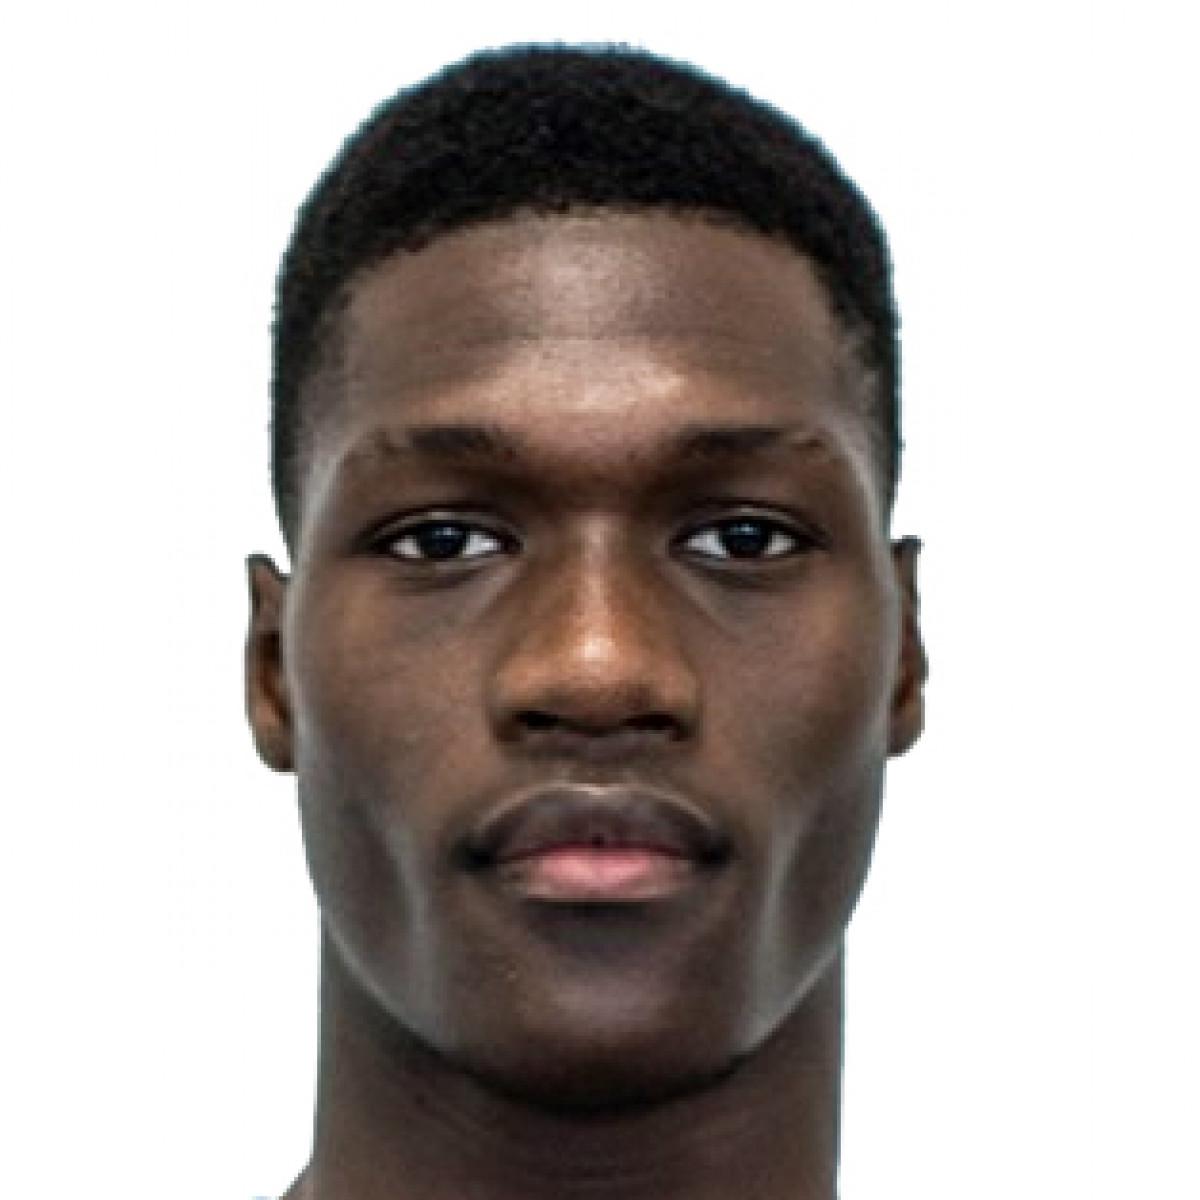 Ifeoluwadara Adeyemi